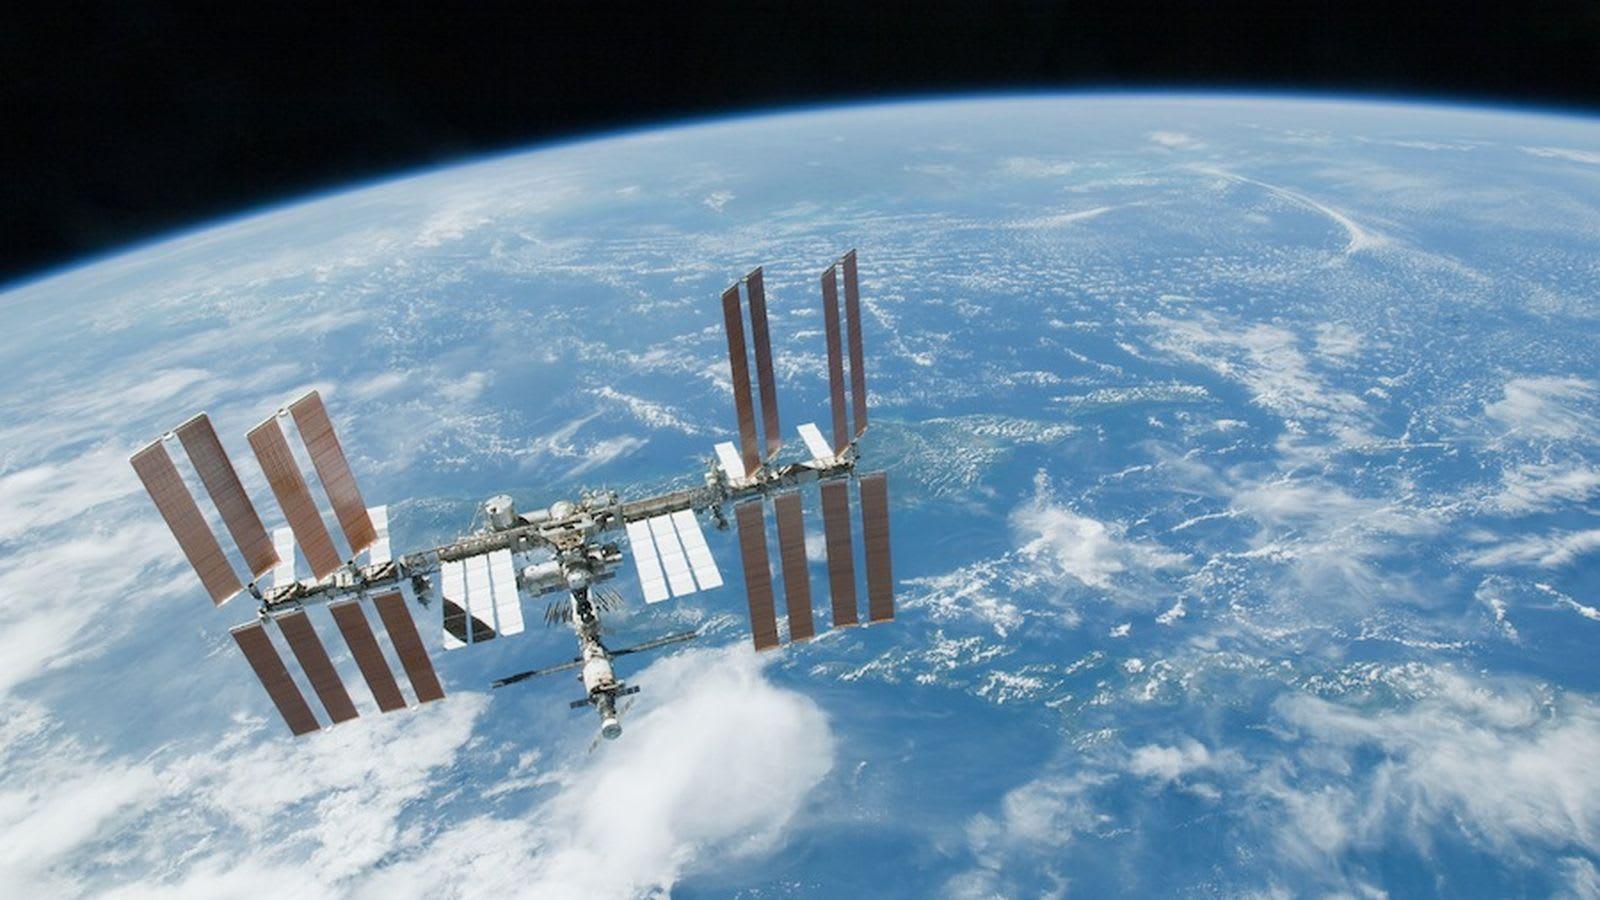 2020年代を目処にnasaが国際宇宙ステーションの民間移譲を検討中